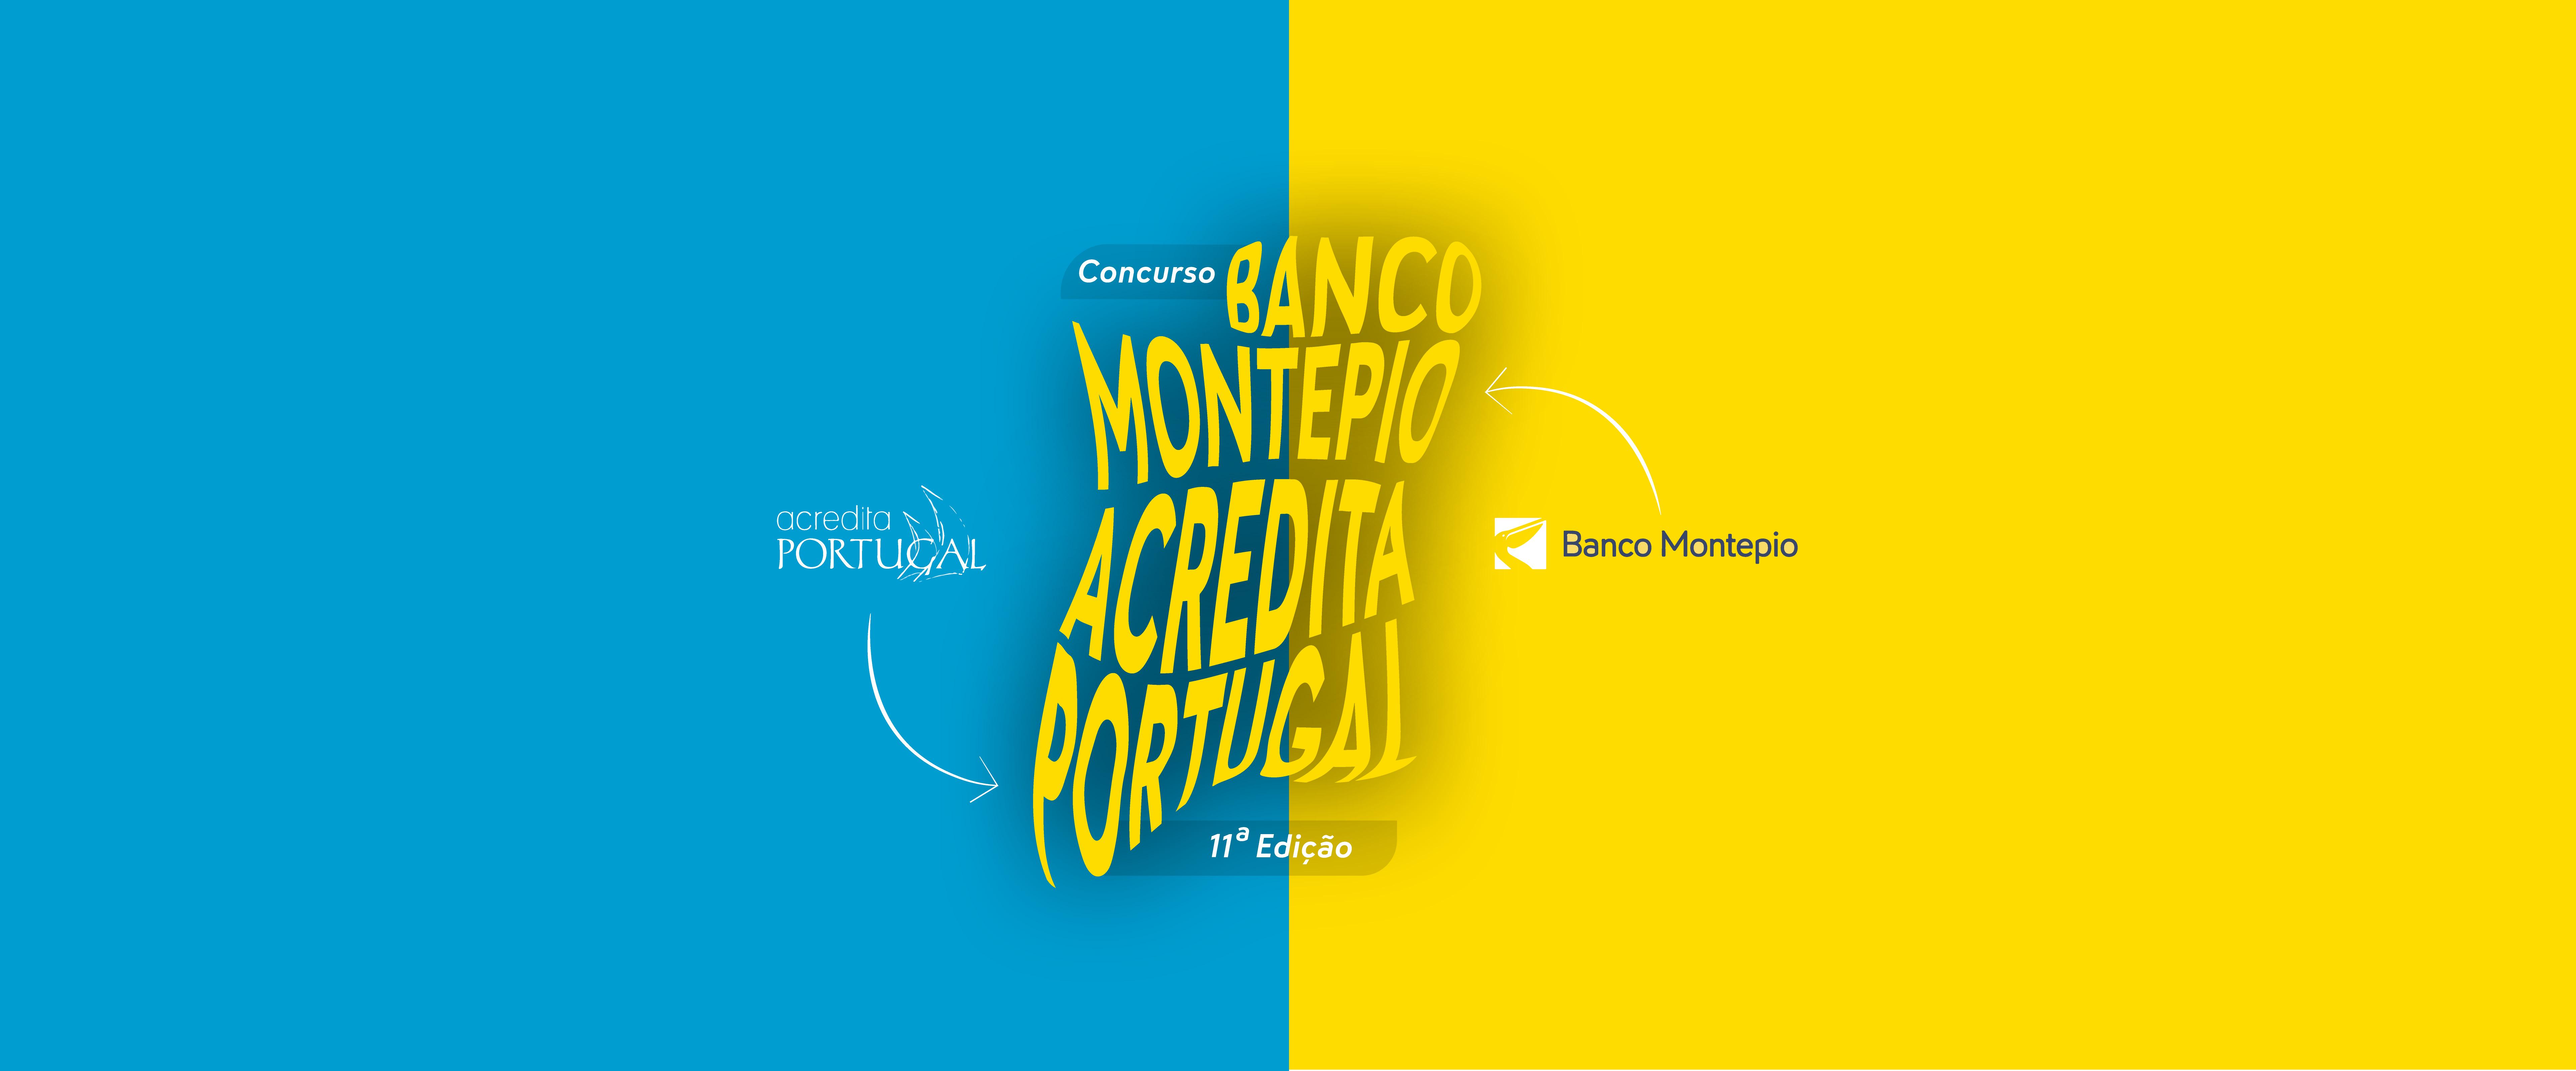 Banner Concurso Montepio Acredita Portugal